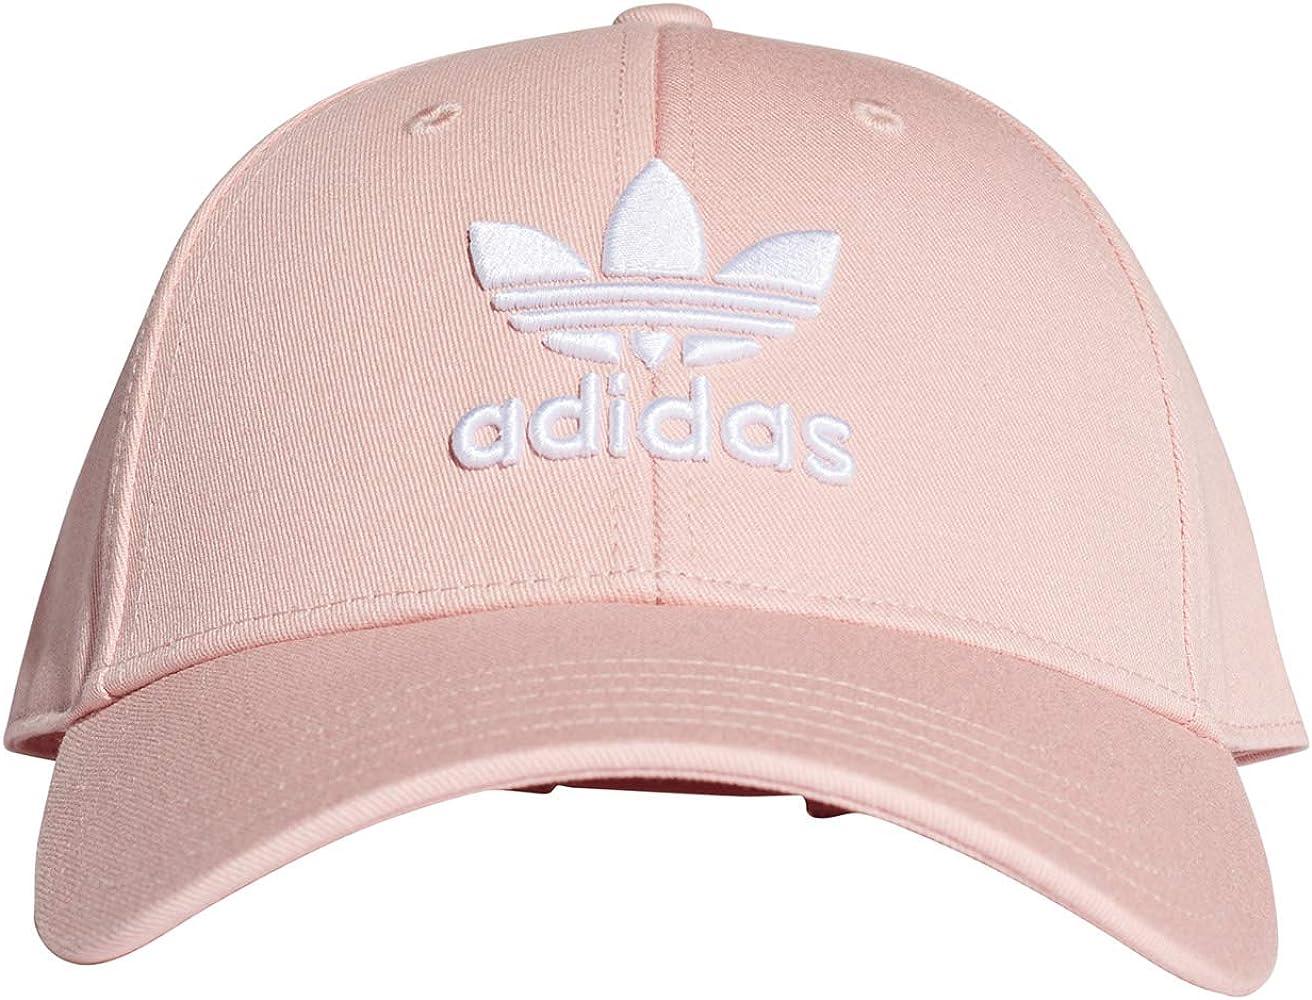 Gorras adidas mujer rosa   Gorras para hombre y mujer